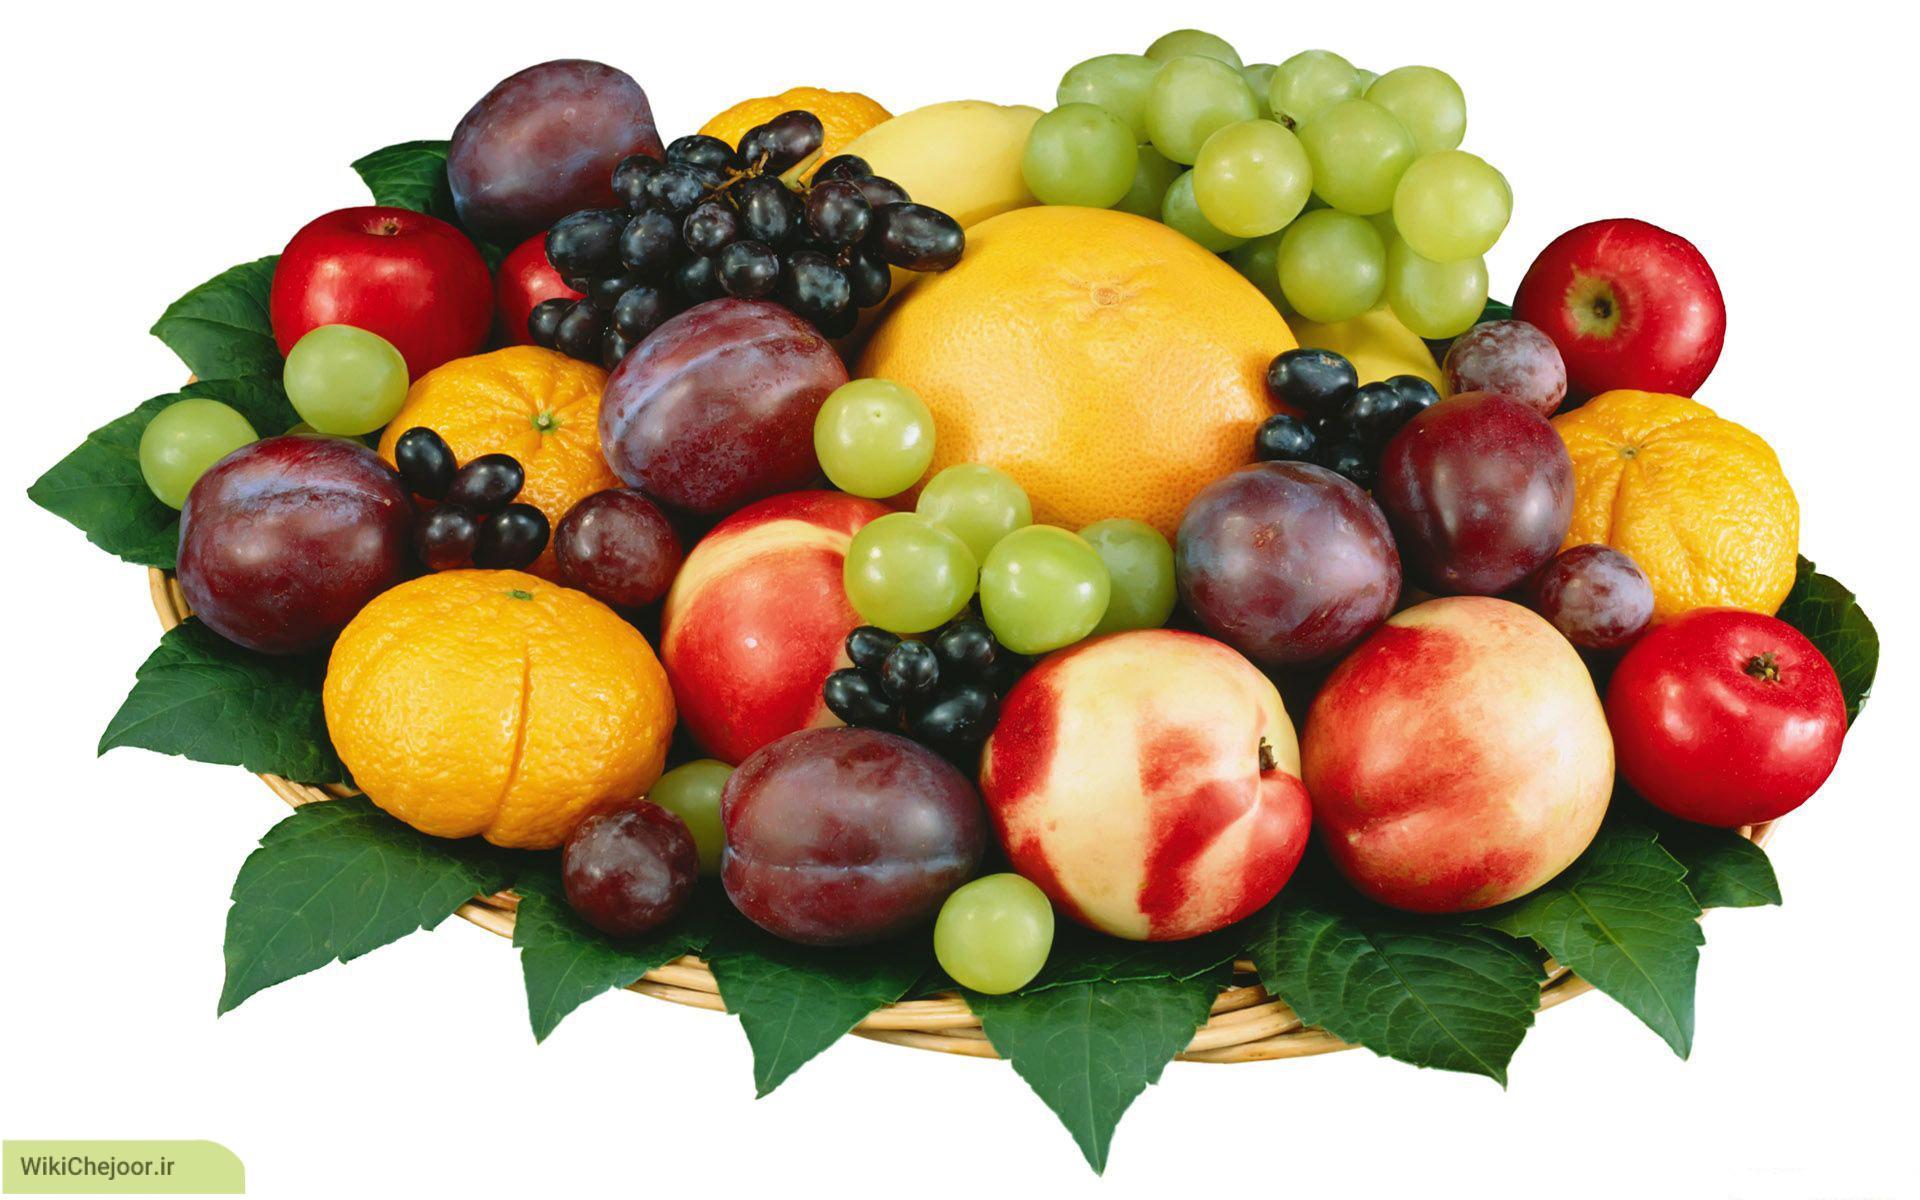 چگونه با کمک میوه التهابات بدن را درمان کنیم؟